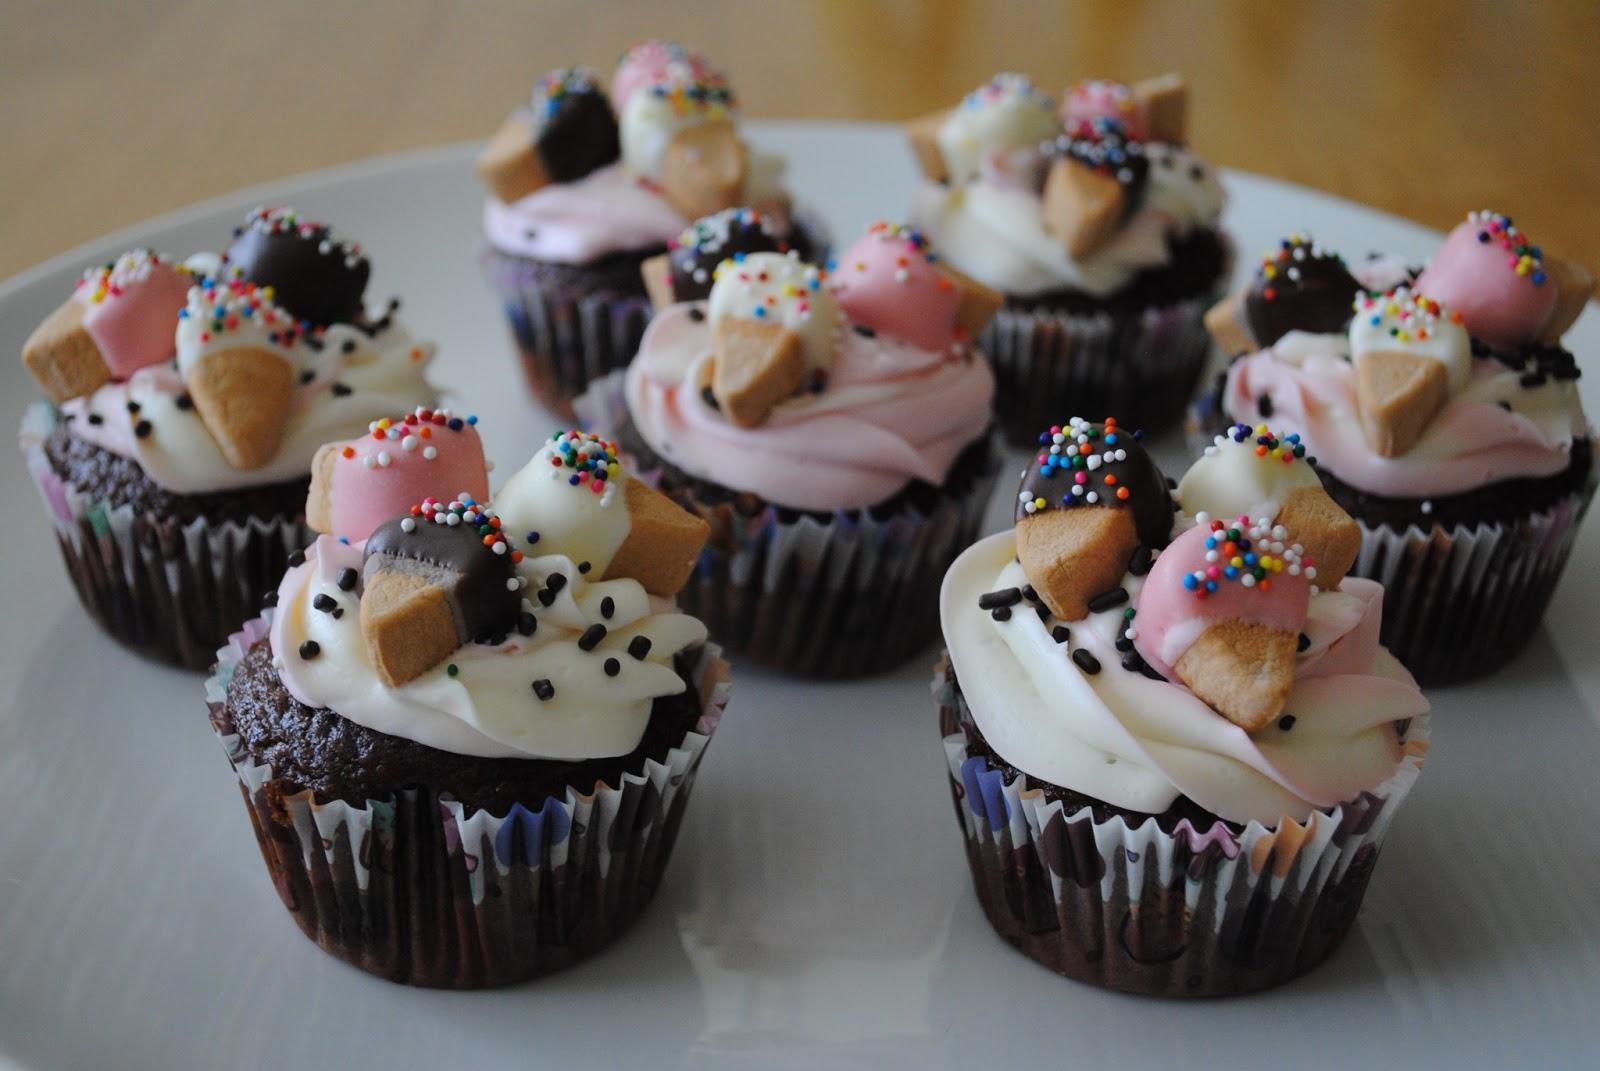 Neapolitan Ice Cream Cone Cupcakes